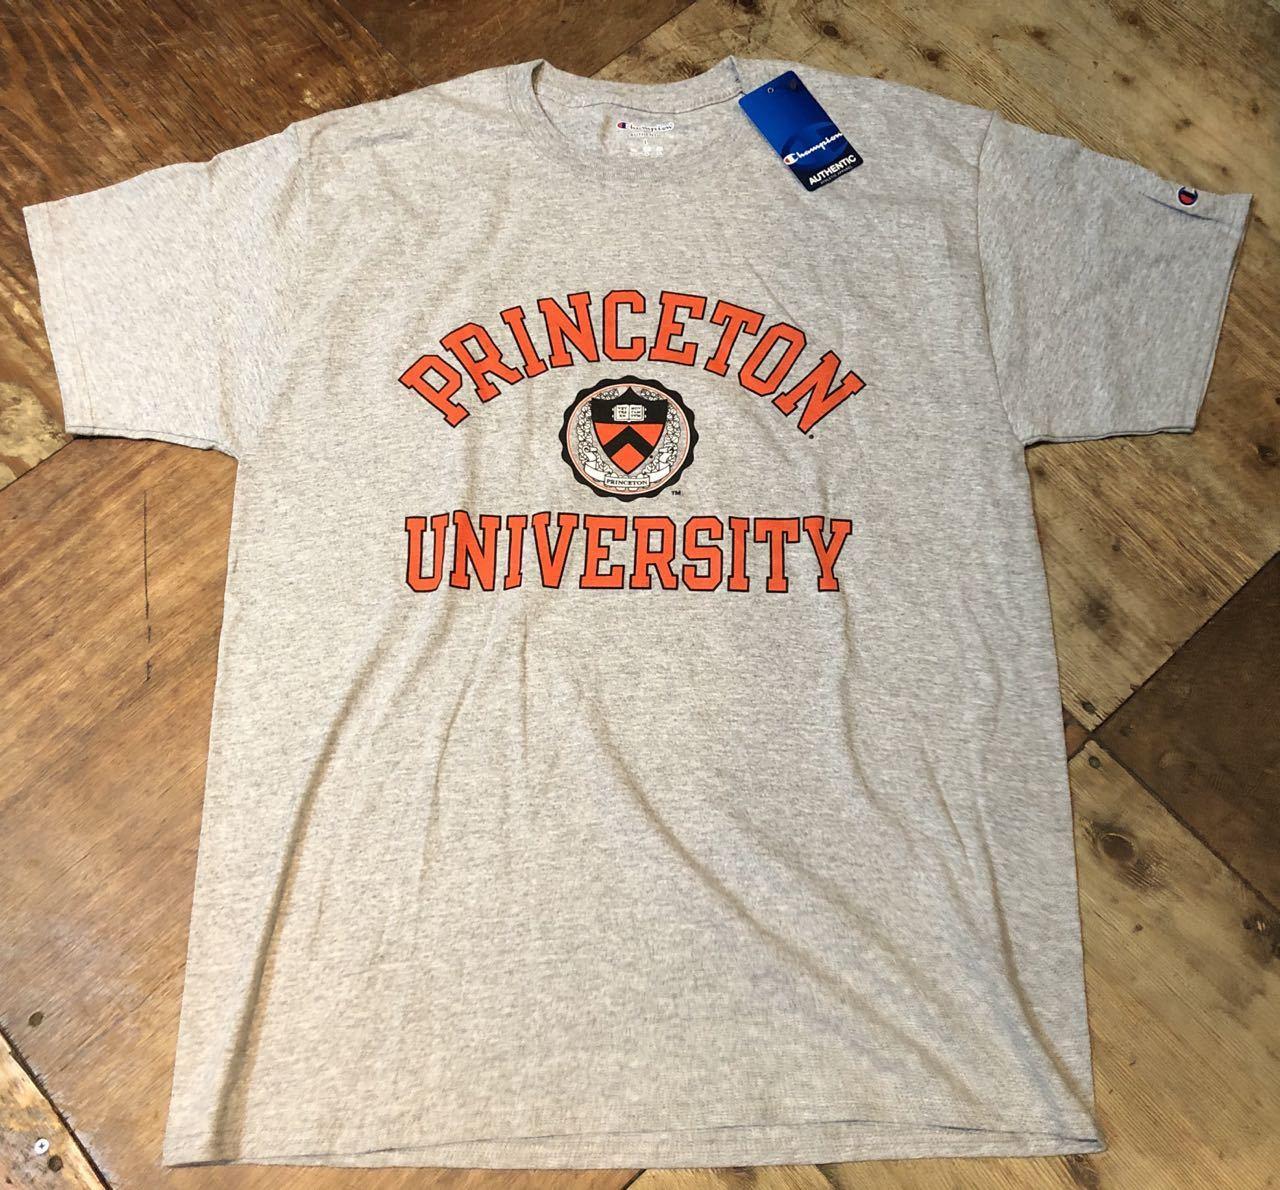 6月4日(木)入荷!2012年  新品 チャンピオン champion! PRINCETON UNIVERSITY Tシャツ!_c0144020_13104818.jpg